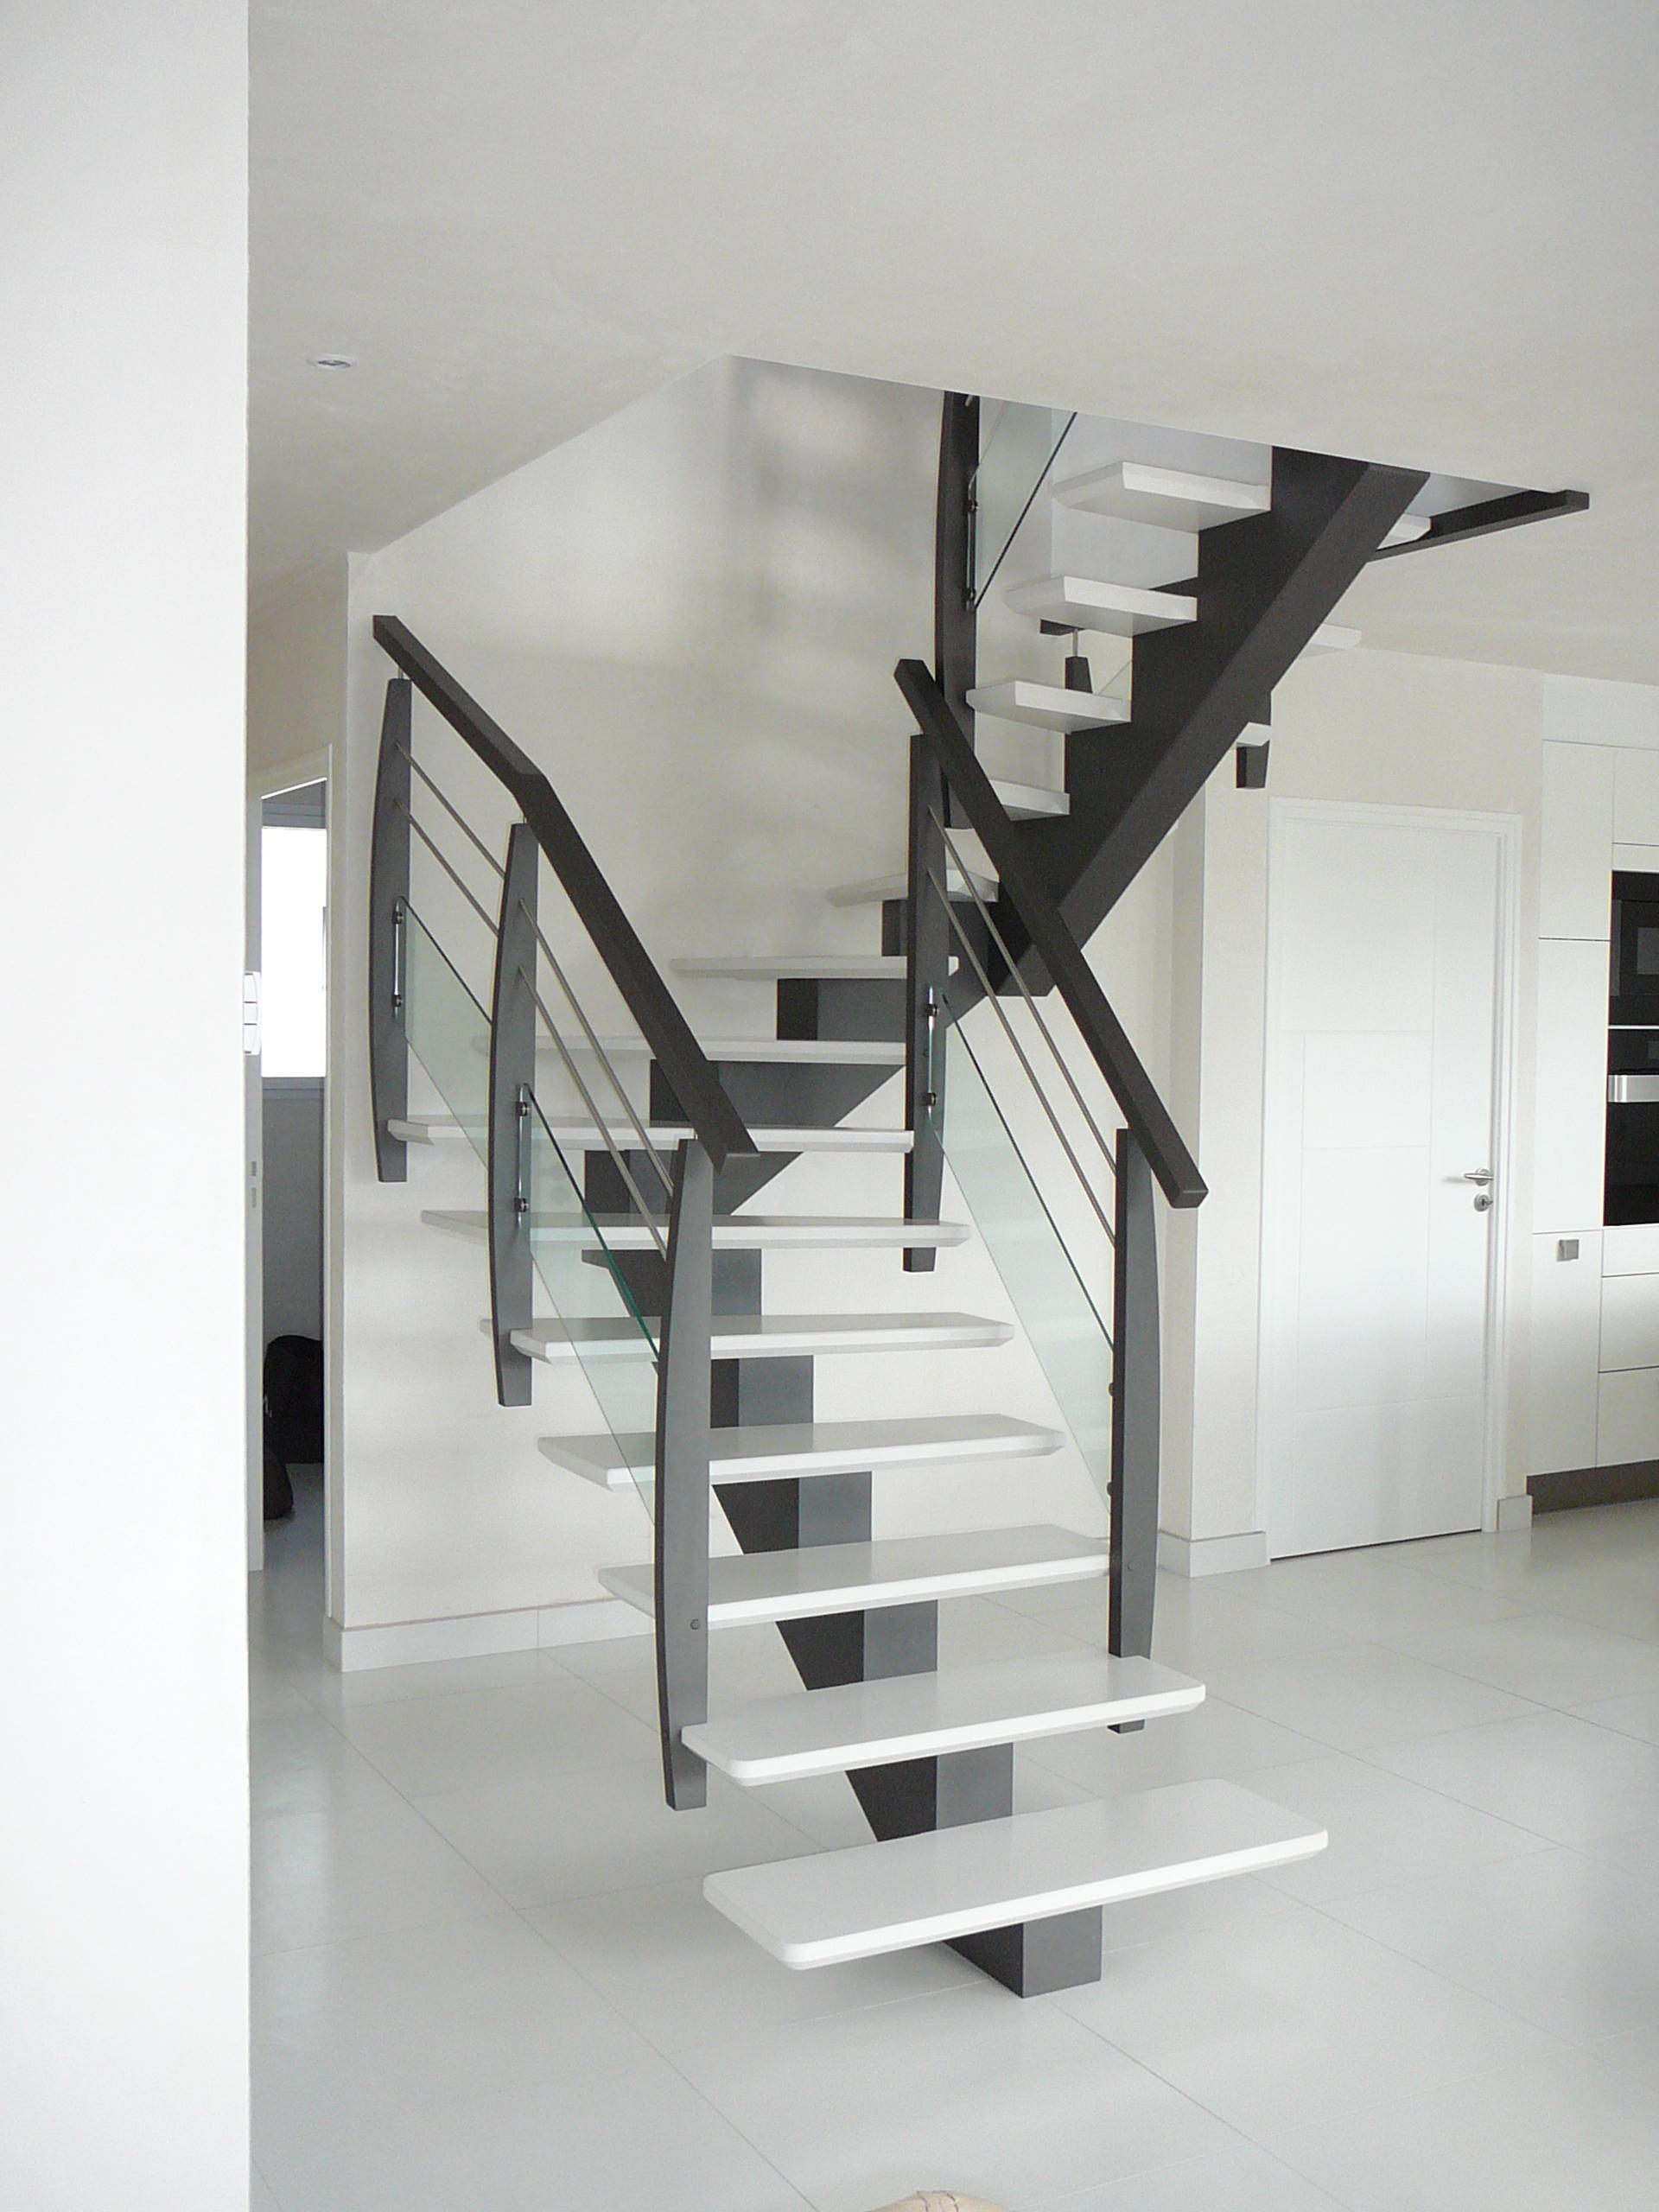 escalier poutre centrale tarif escalier sur mesure limon central celeste tournant mtal lisses. Black Bedroom Furniture Sets. Home Design Ideas